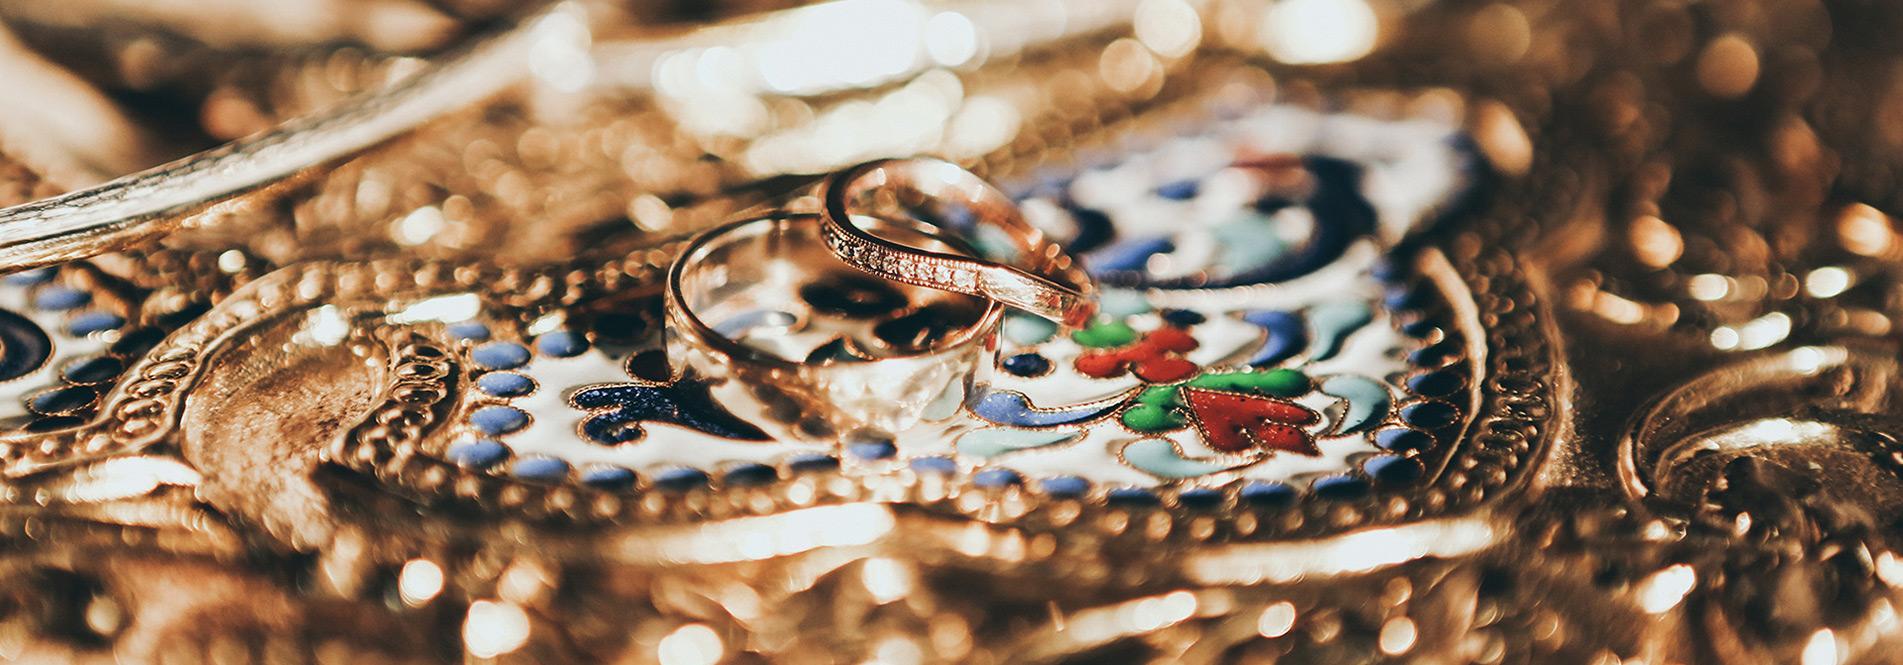 Juwelier-Sicherheit